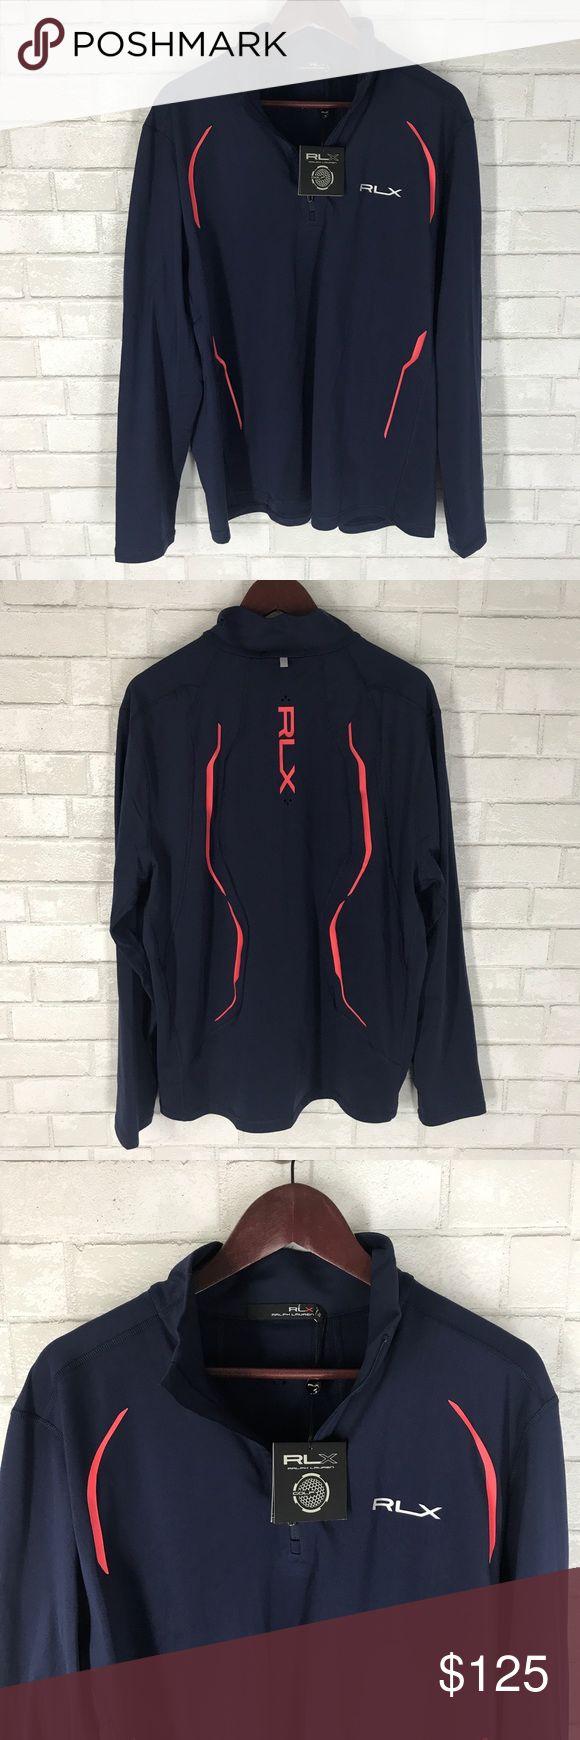 NEW Ralph Lauren RLX Golf Jacket 1/4 Zip Blue XL NEW Ralph Lauren Rlx Golf Jacket Quarter Zip Navy with tags Size XL Width 25 inches Length 31 inches RLX Ralph Lauren Jackets & Coats Lightweight & Shirt Jackets